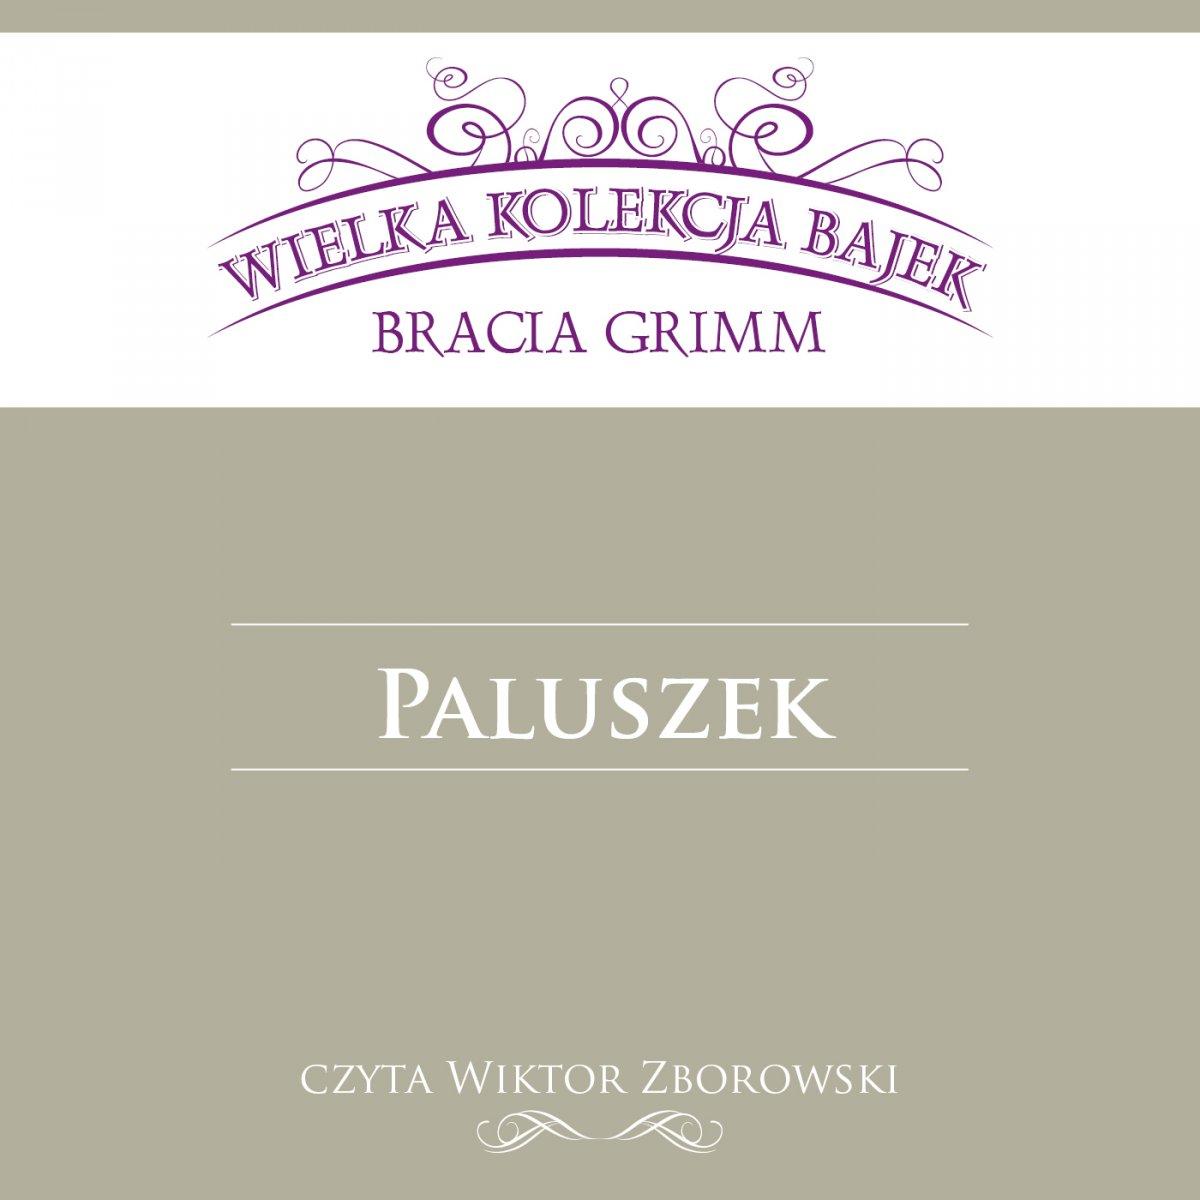 Paluszek (Wielka Kolekcja Bajek) - Audiobook (Książka audio MP3) do pobrania w całości w archiwum ZIP